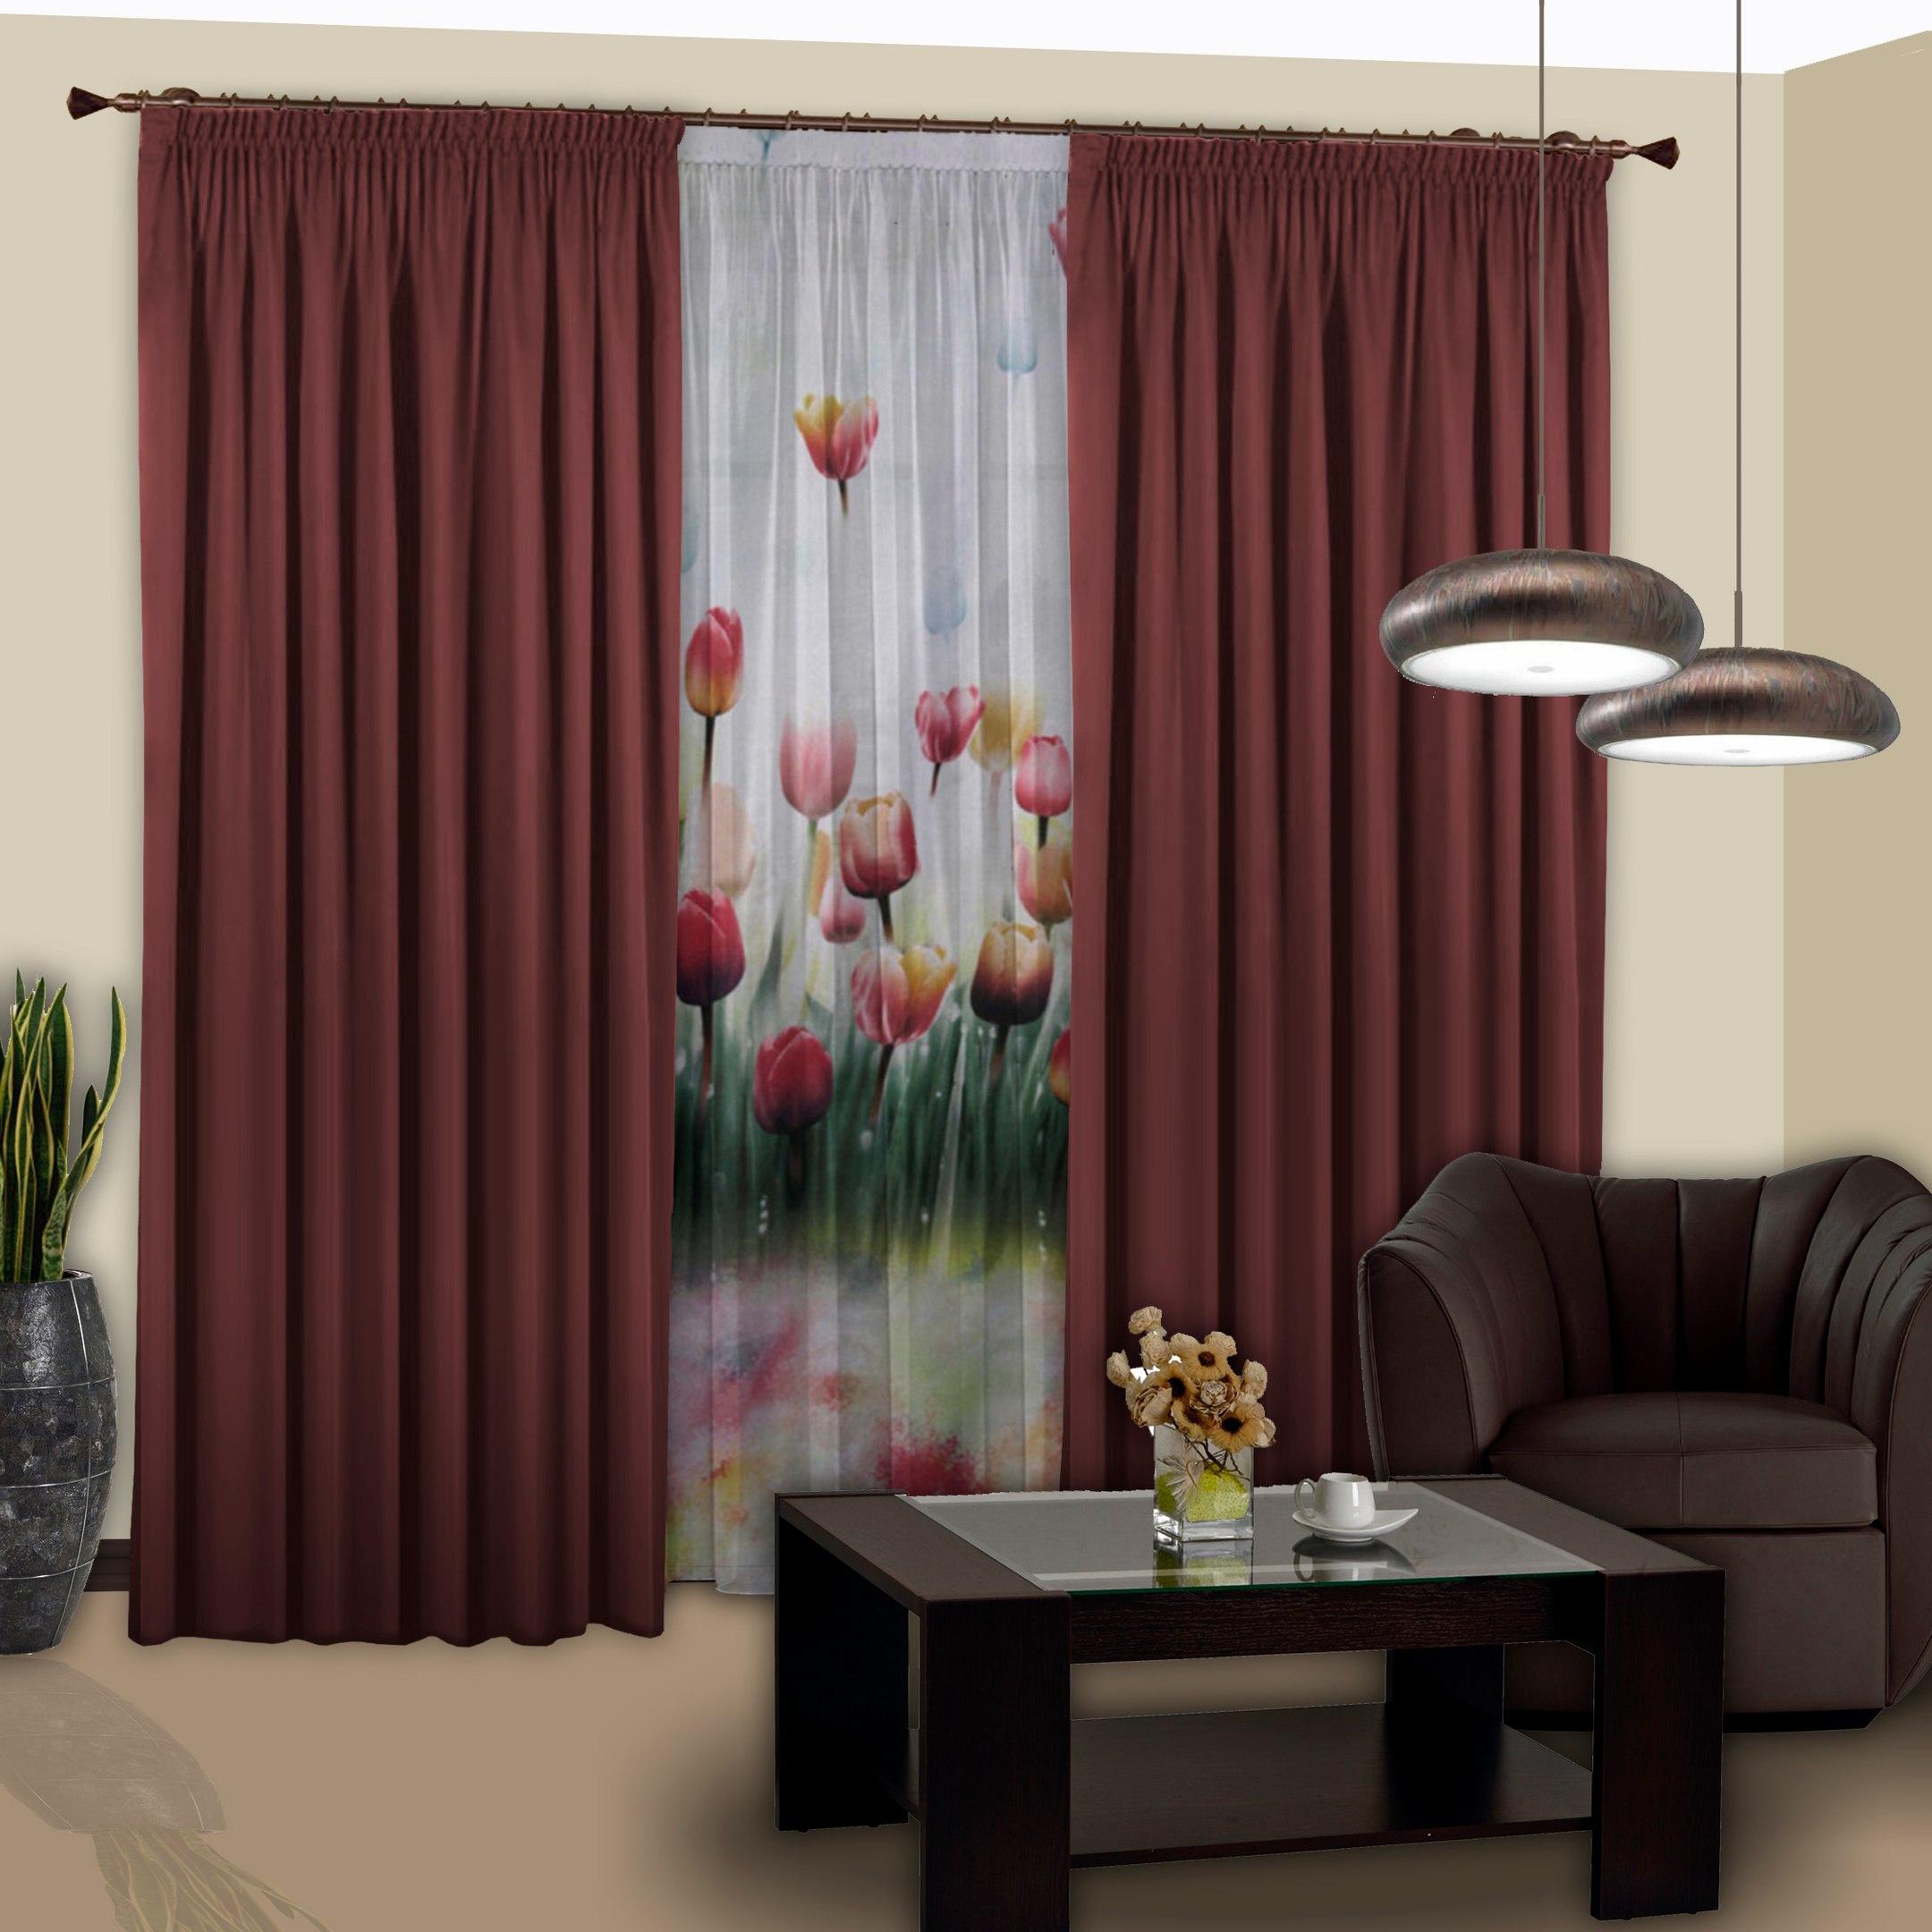 Шторы РеалТекс Классические шторы Saundra Цвет: Бордовый реалтекс реалтекс классические шторы akina цвет бежевый бордовый